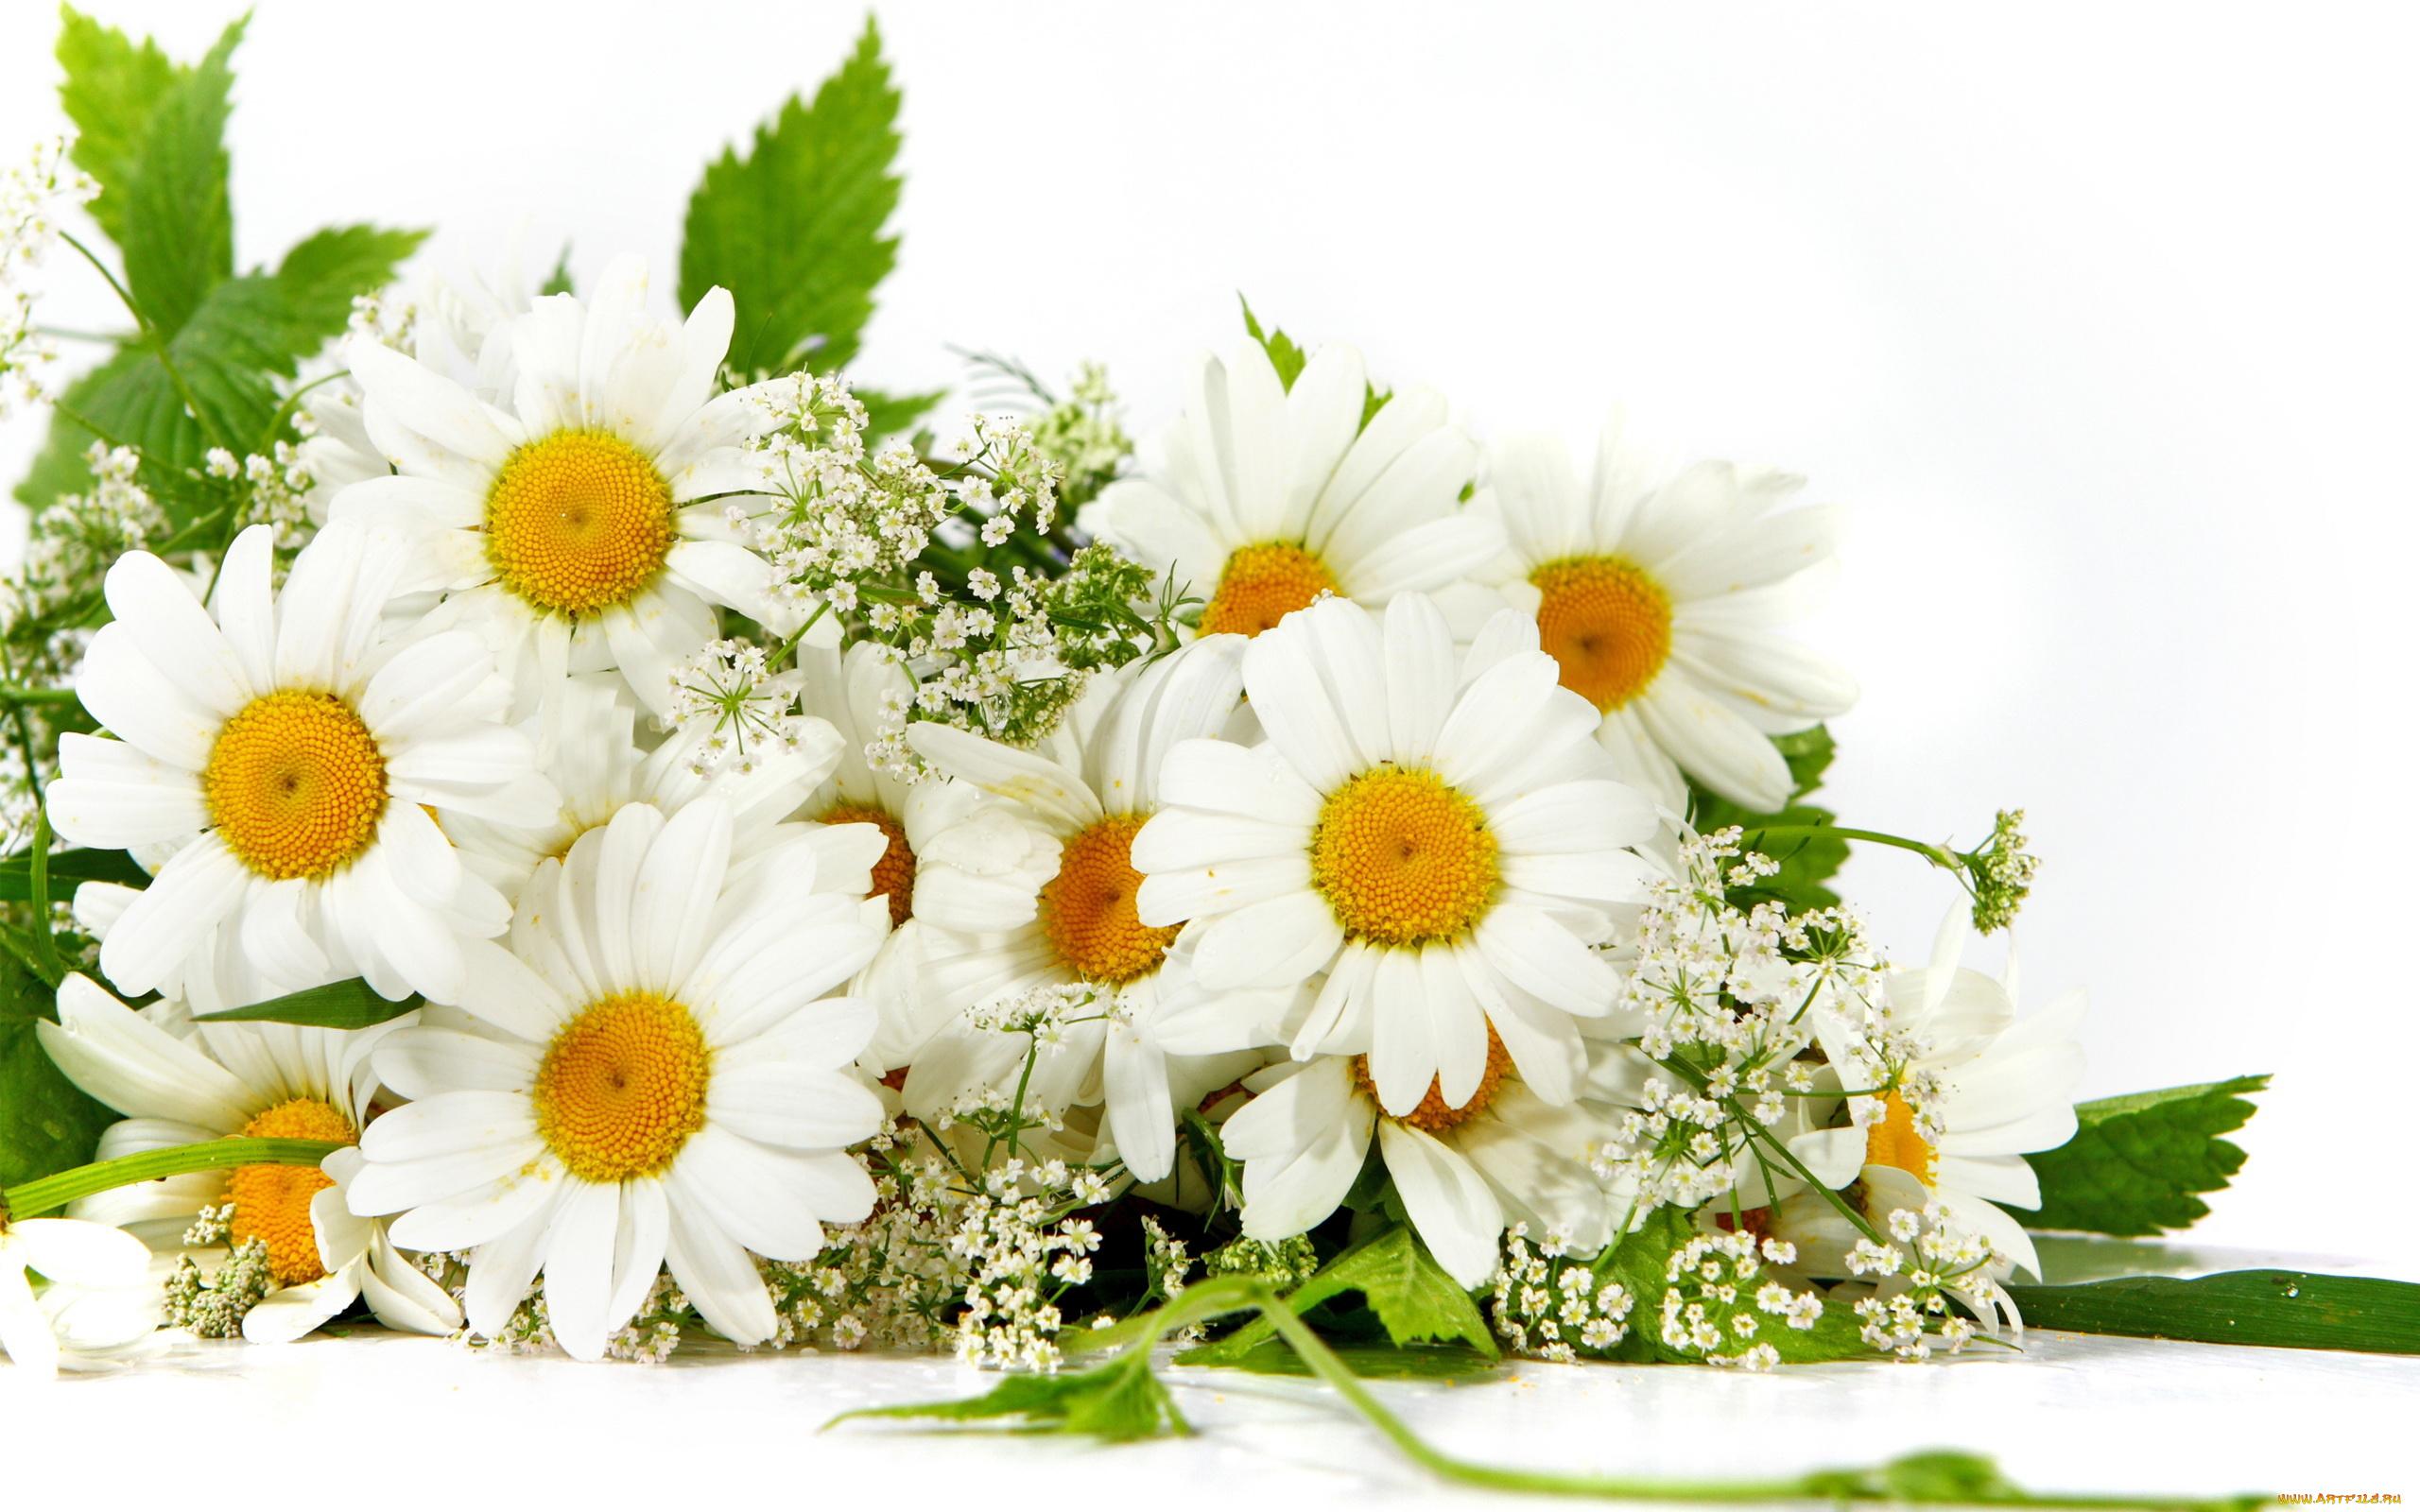 Цветы и пожелания картинки красивые